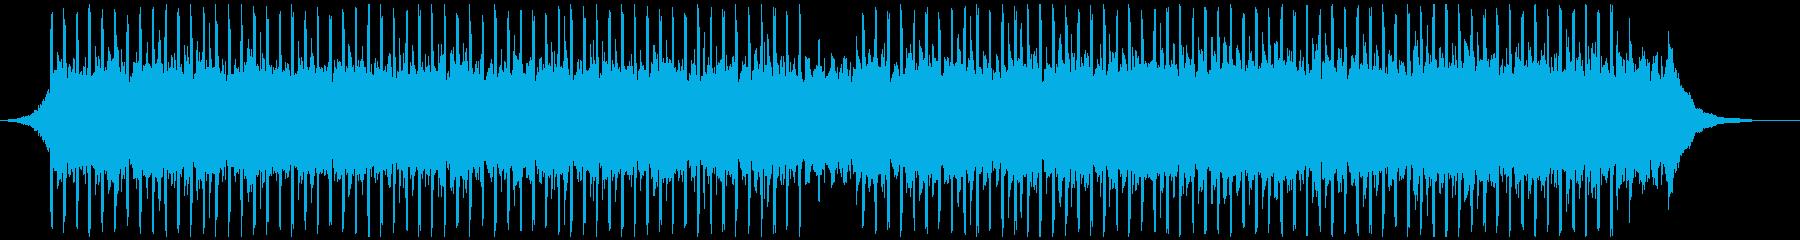 ソフトコーポレーション(中)の再生済みの波形